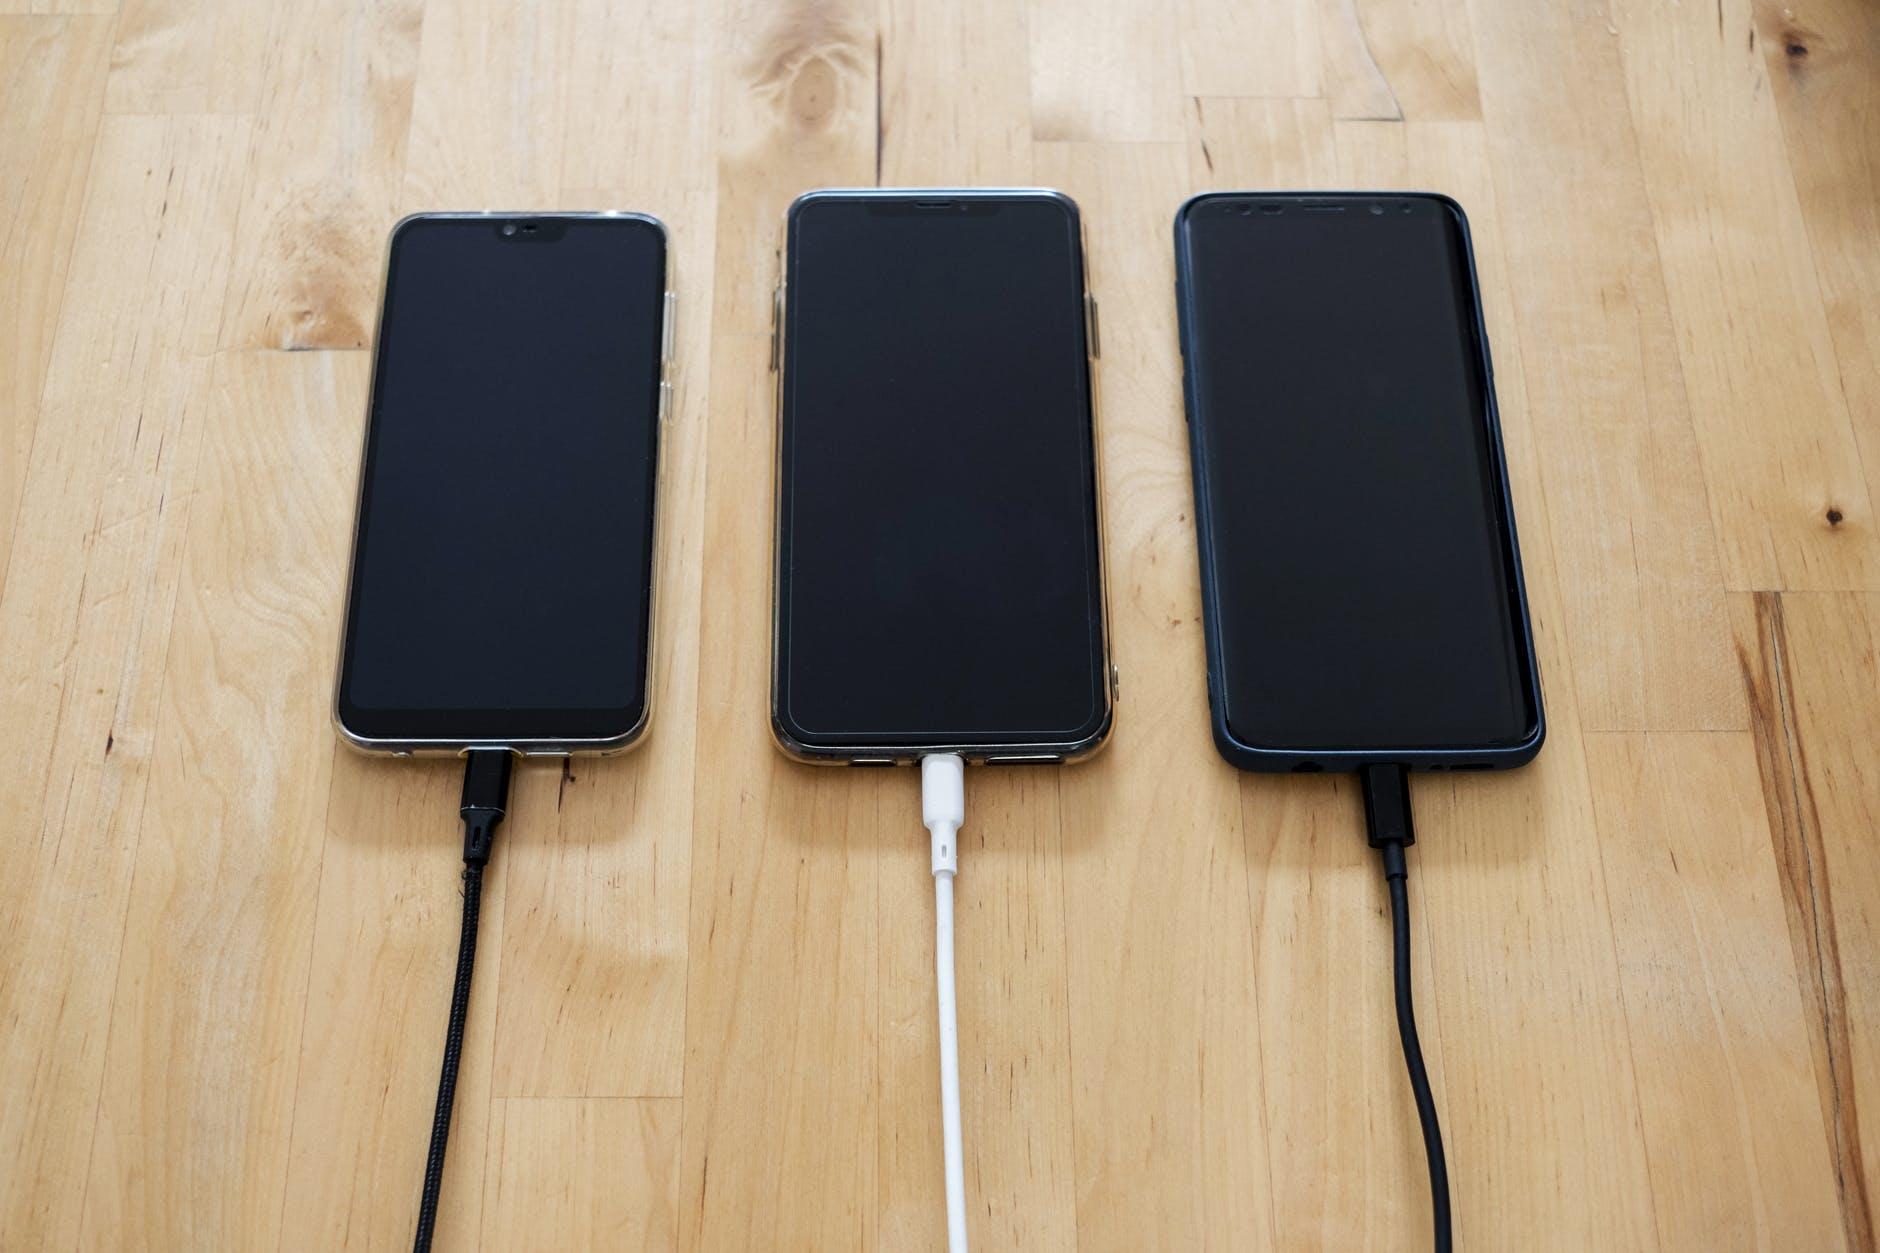 Как понять, что аккумулятору смартфона скоро придет конец